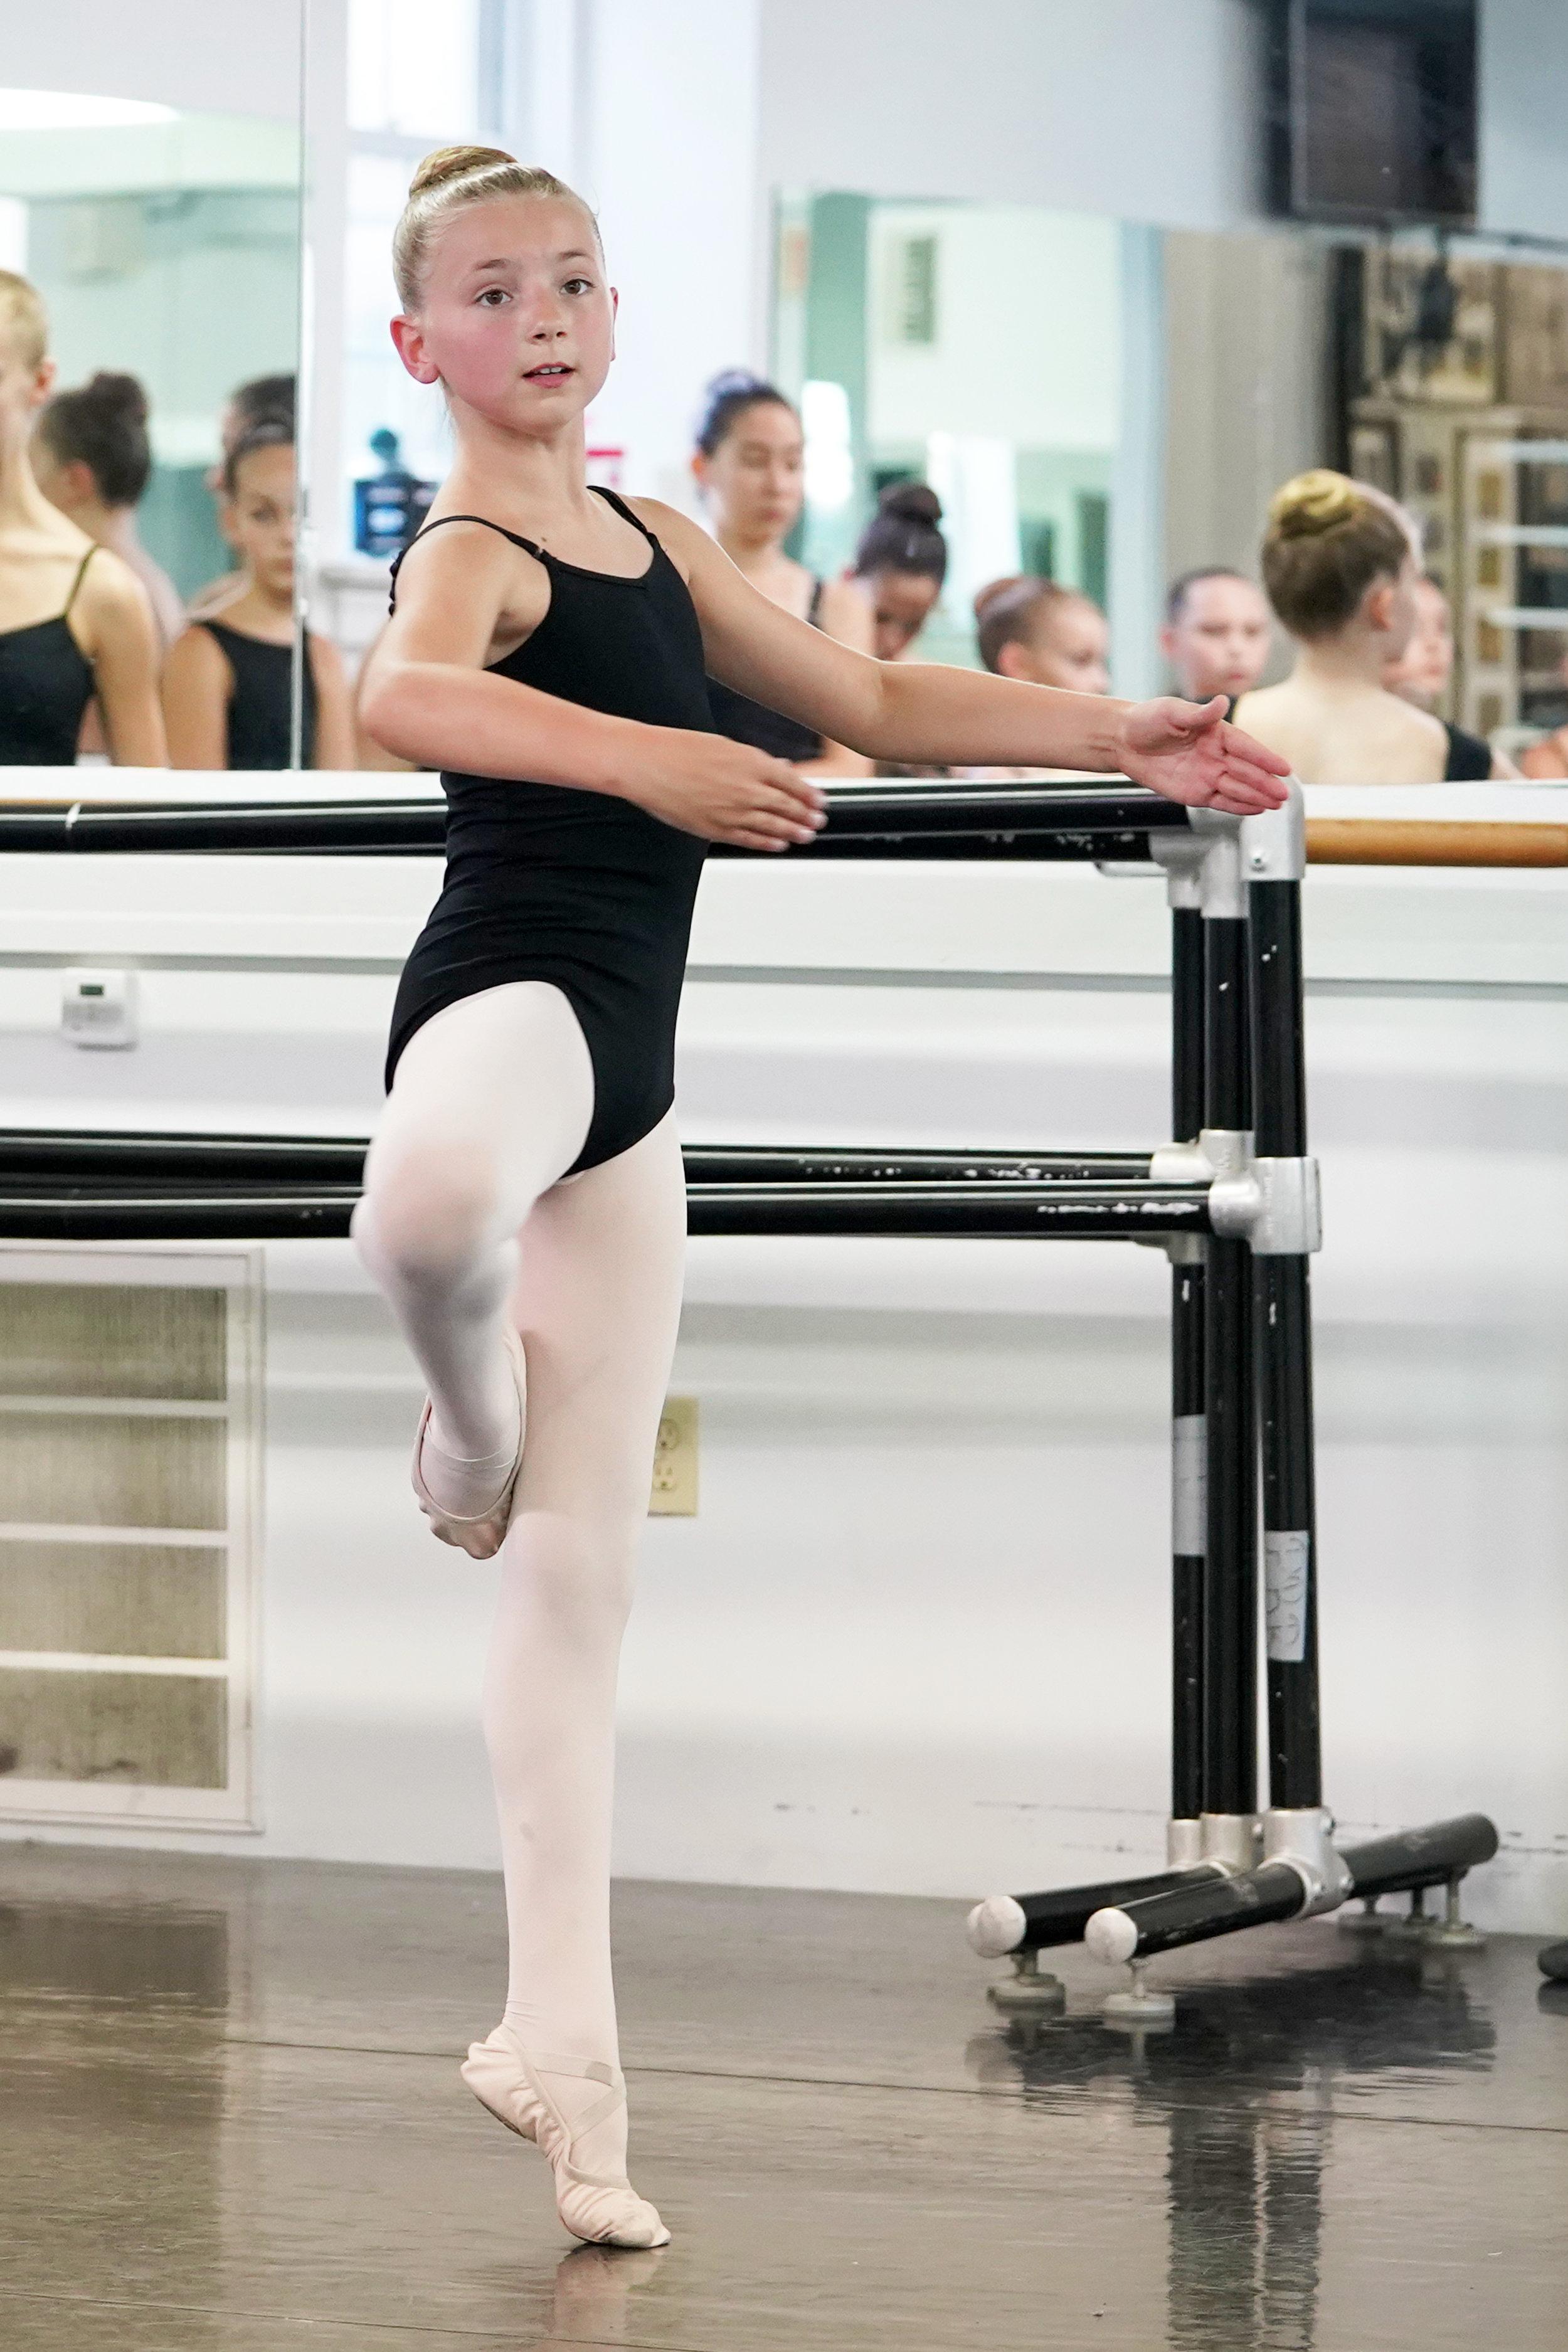 dancer in passe derriere